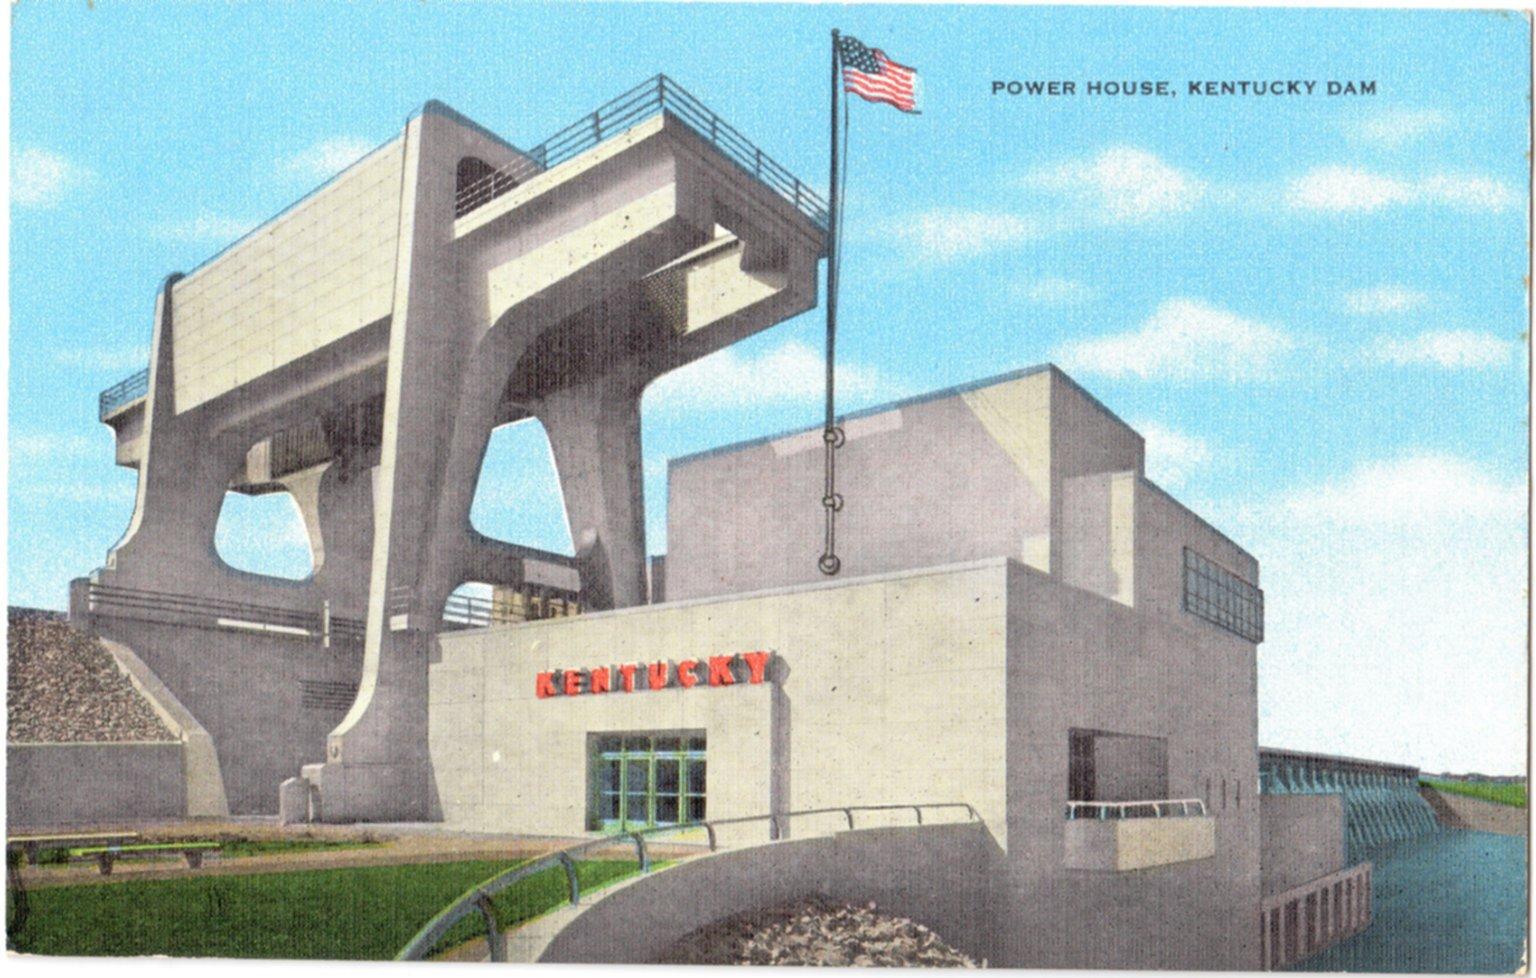 Power House, Kentucky Dam